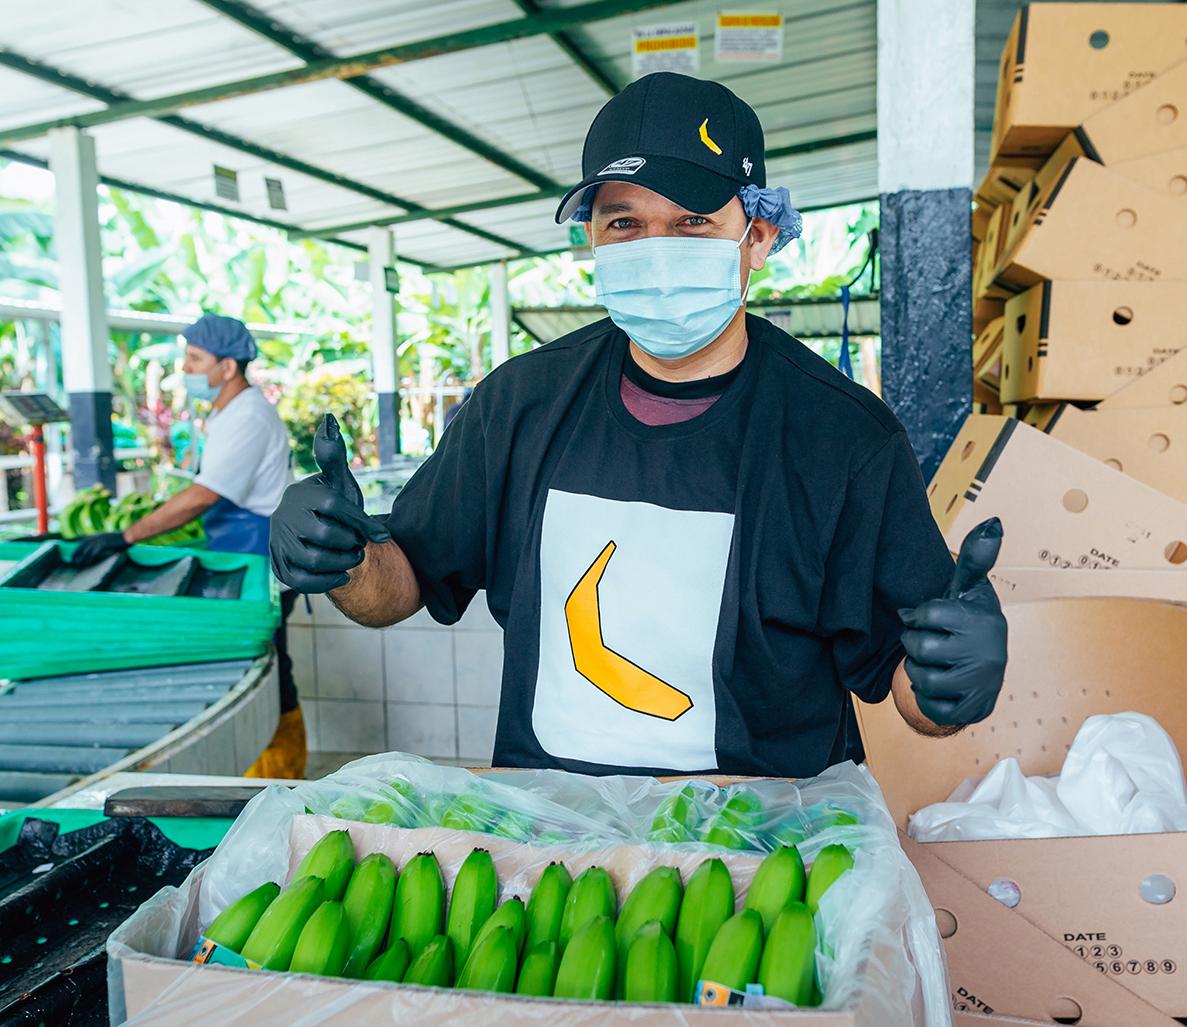 Longo's Fairtrade_2.jpg